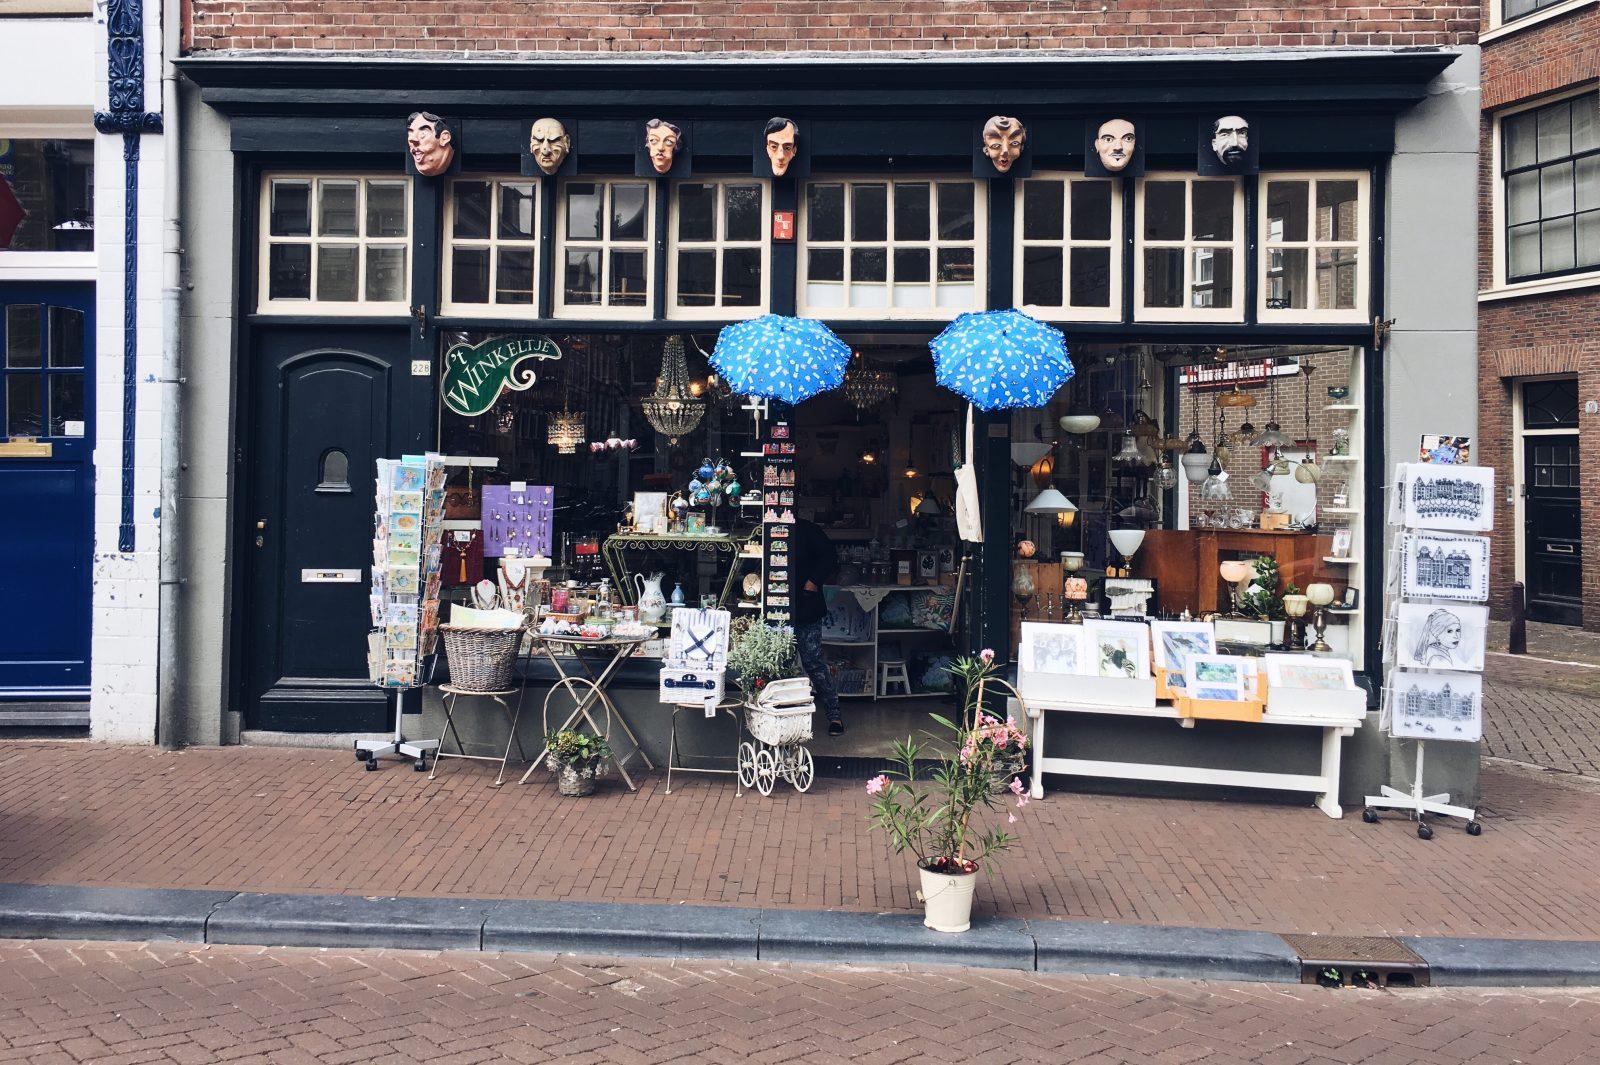 Stadtviertel Jordaan, Amsterdam Tipps, Het Winkeltje